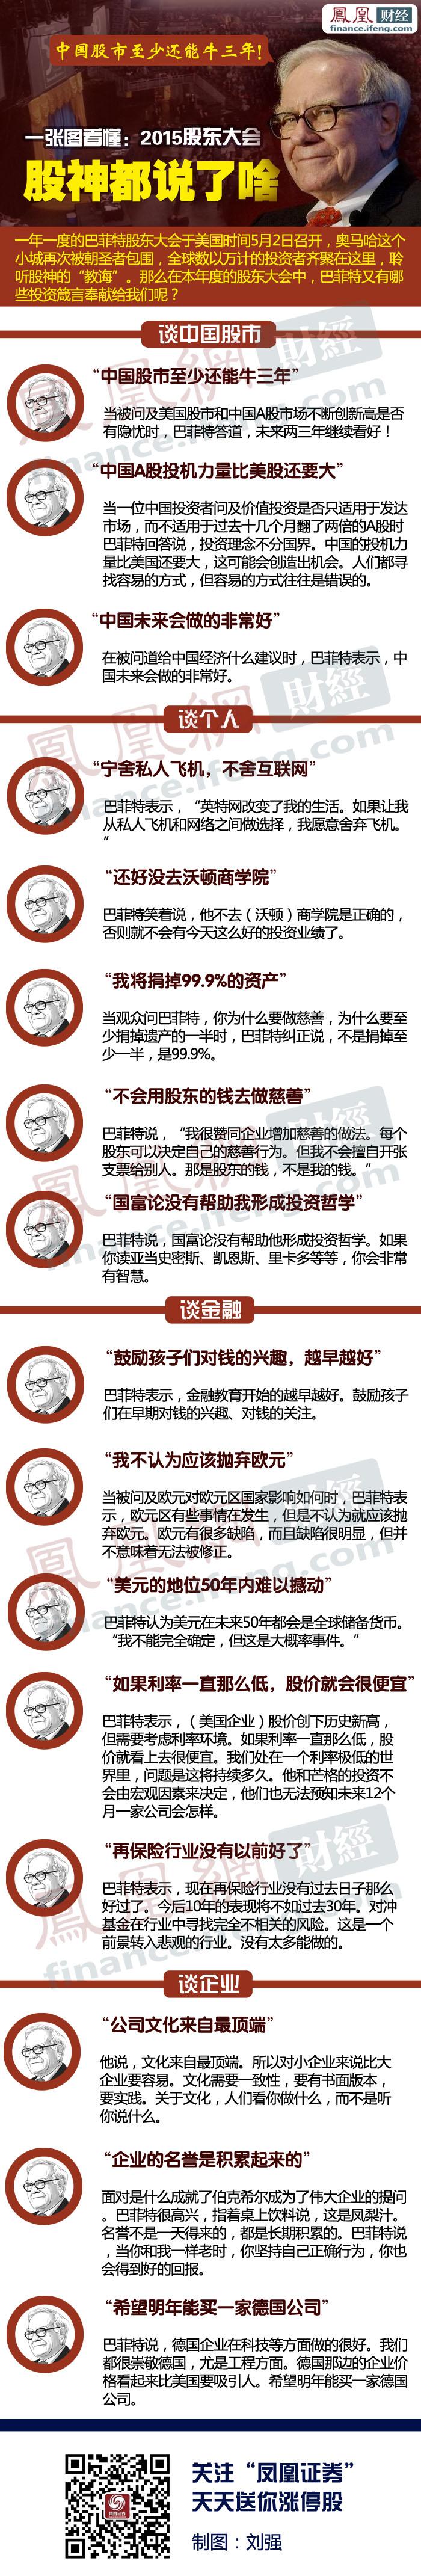 巴菲特:中国股市至少还能牛三年 - 潮河边人 - 潮河边人博客